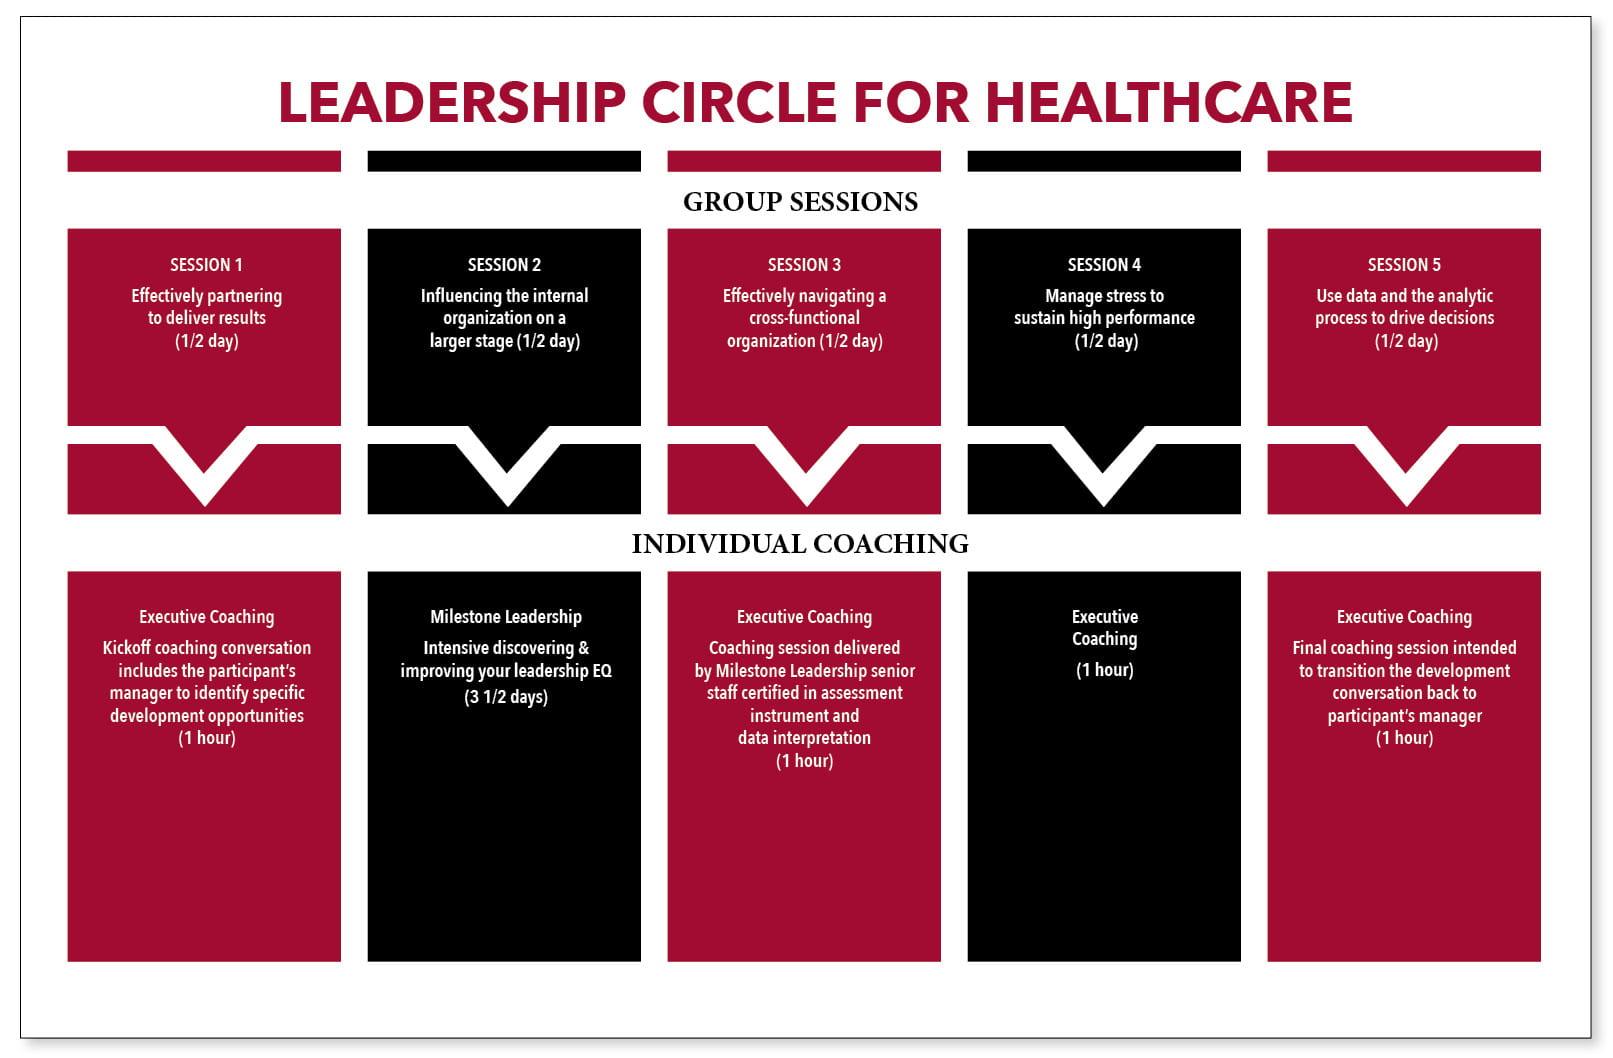 LeadershipCircleHealthcare_graphic